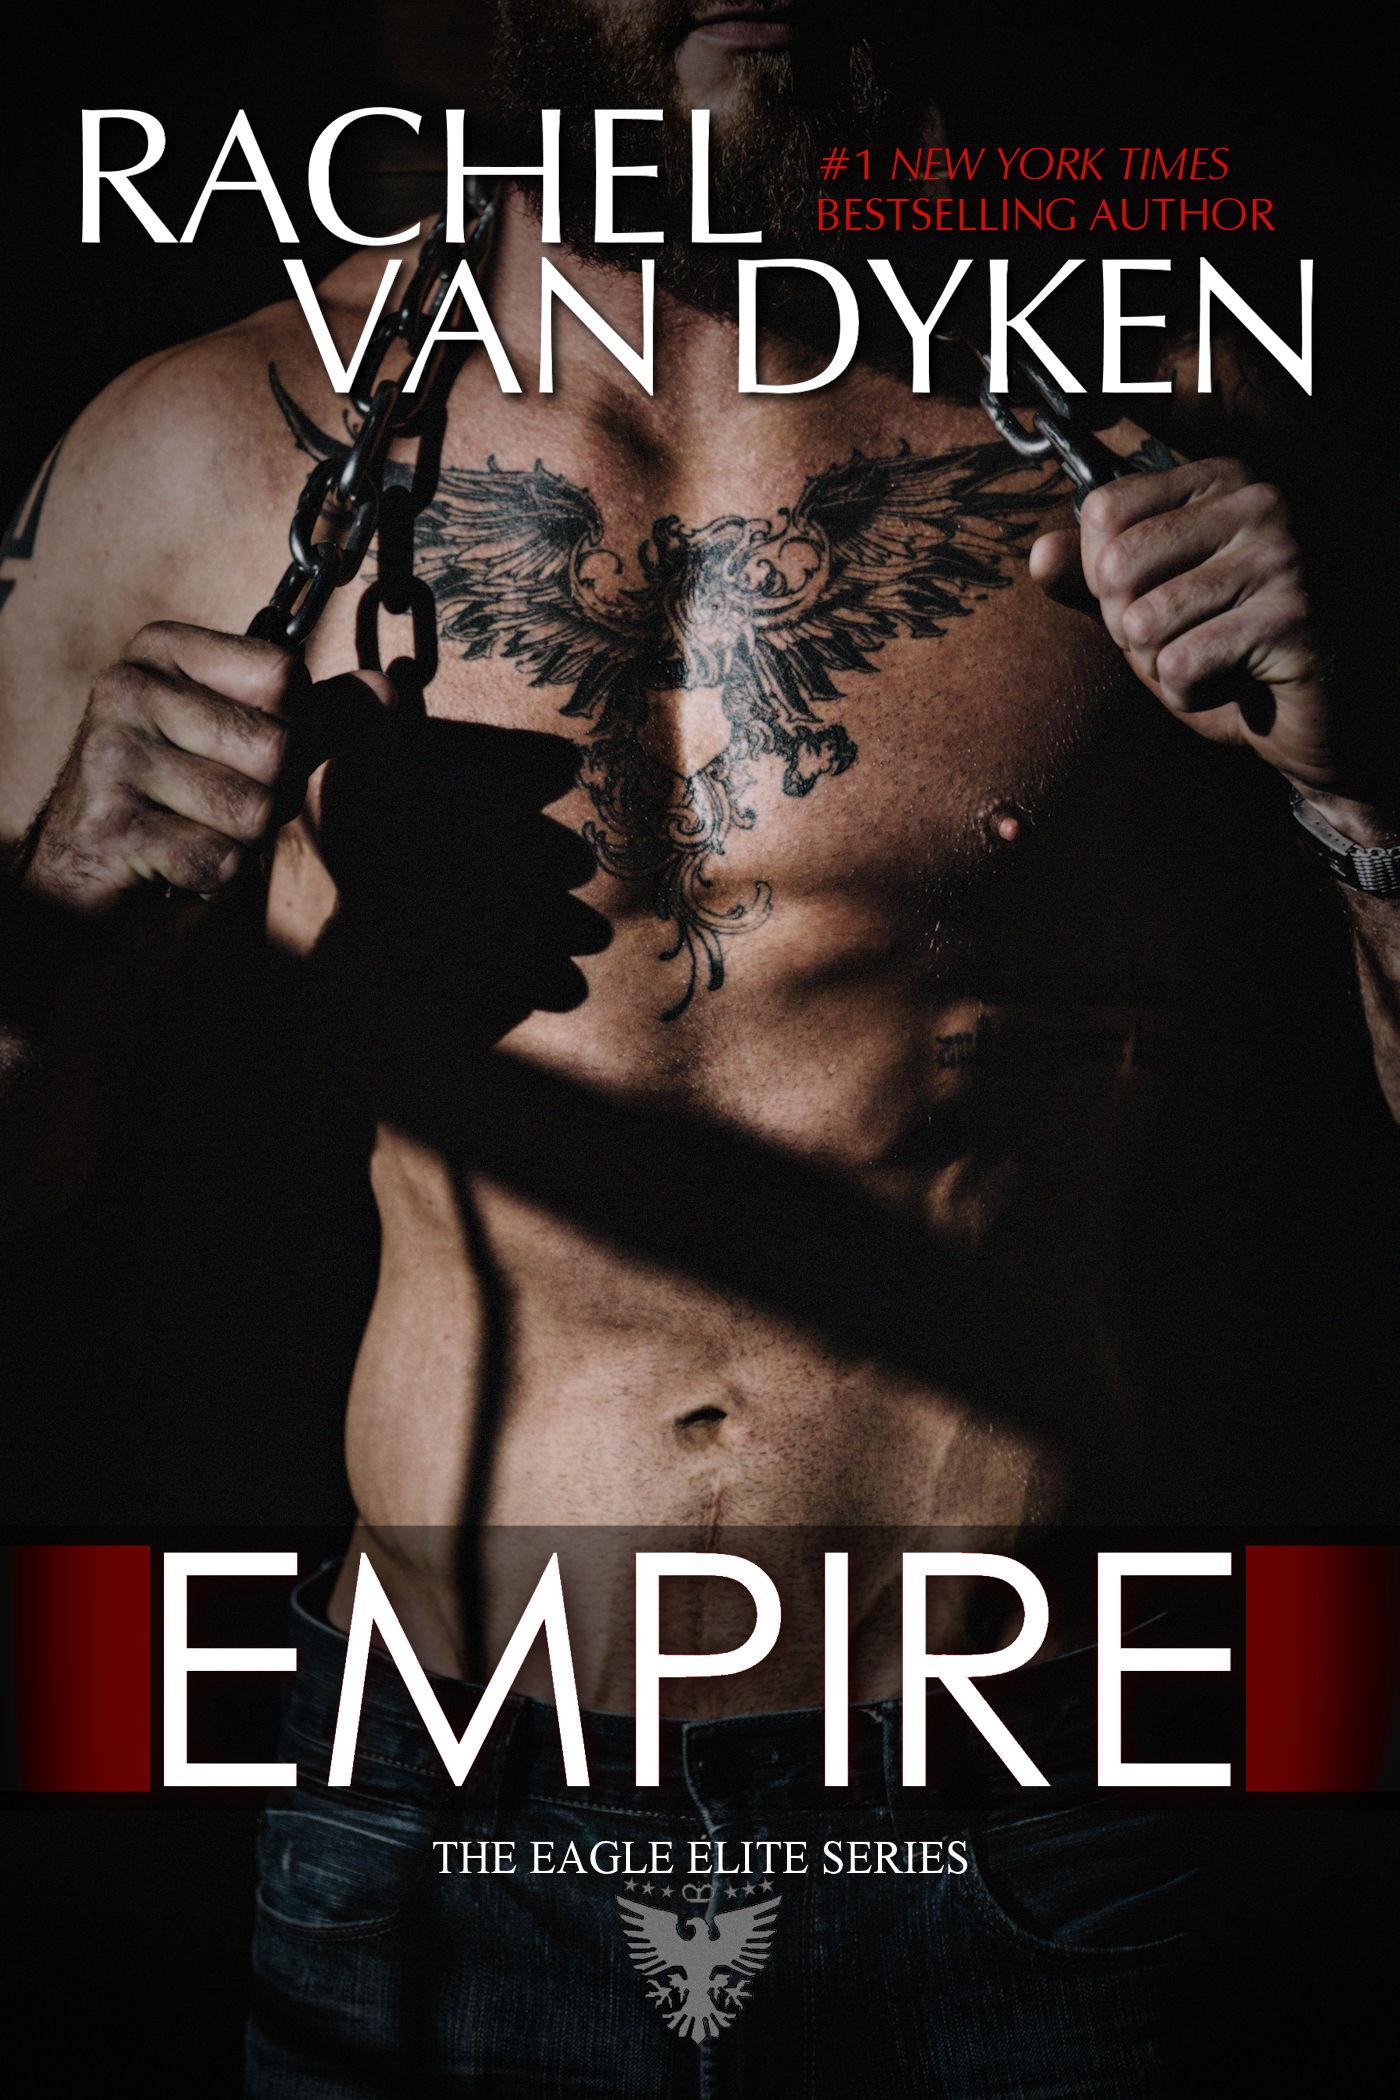 Rachel Van Dyken Eagle Elite Empire.jpg